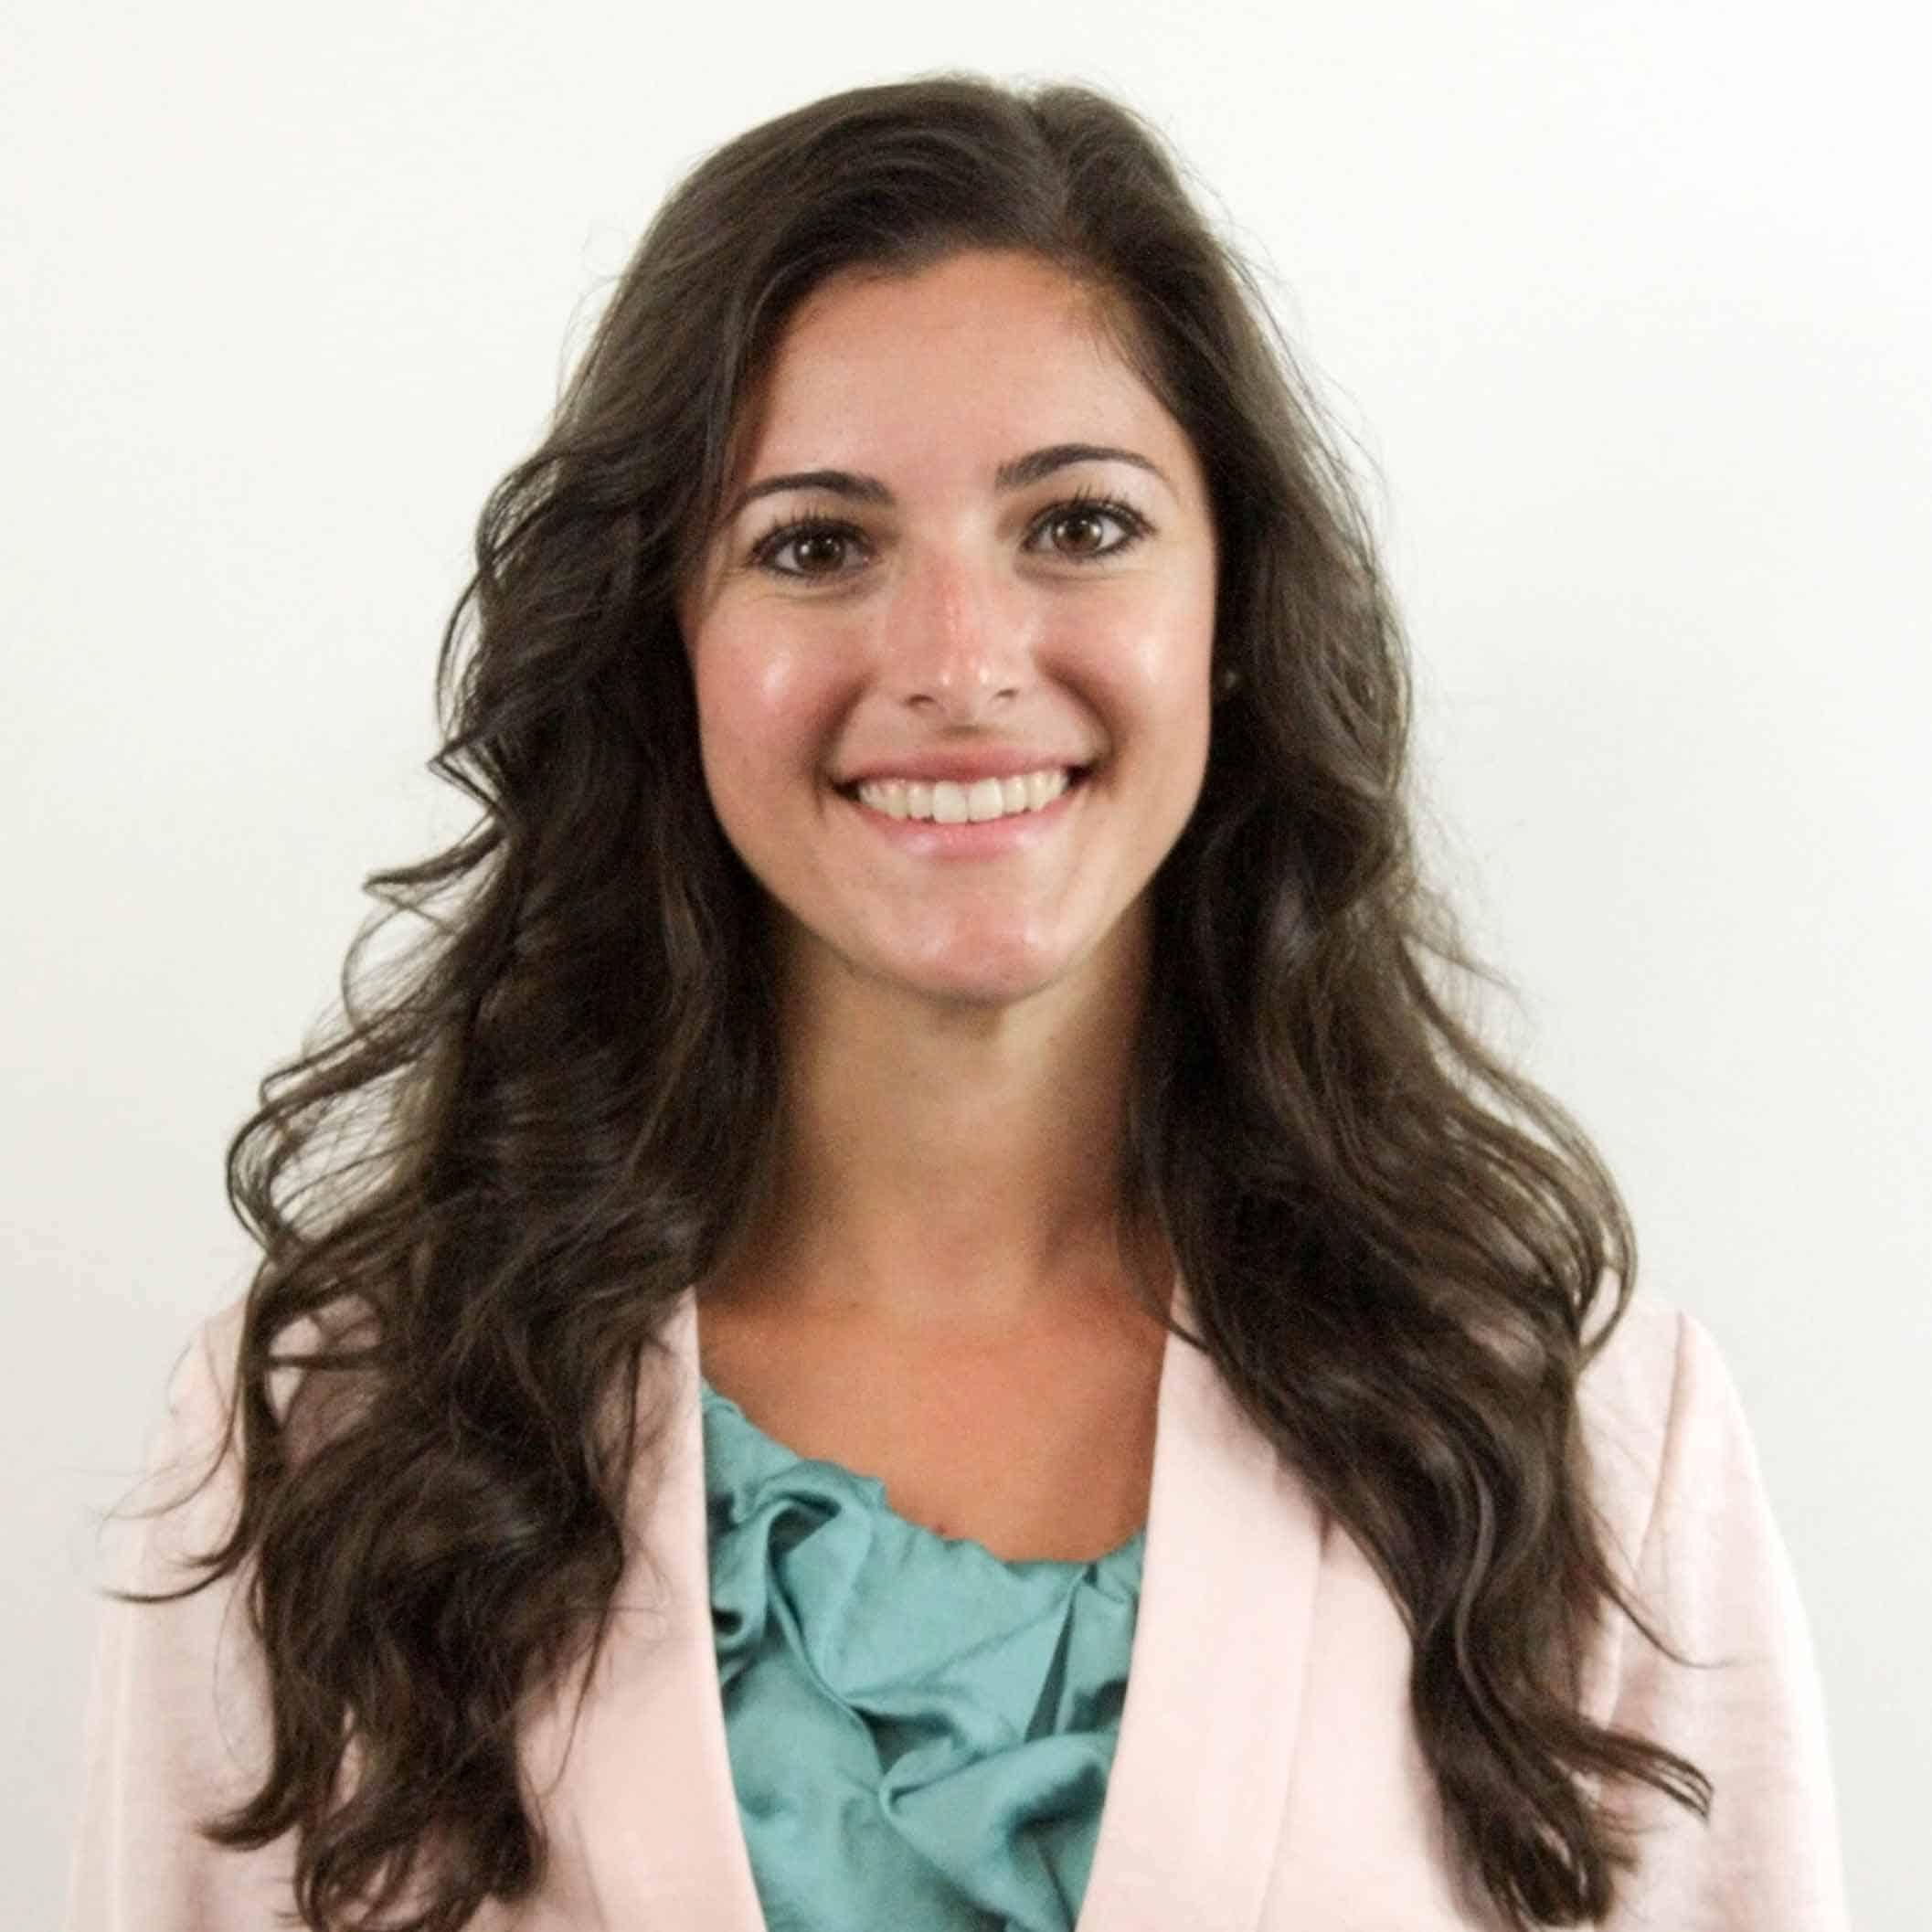 Kristi Farrell